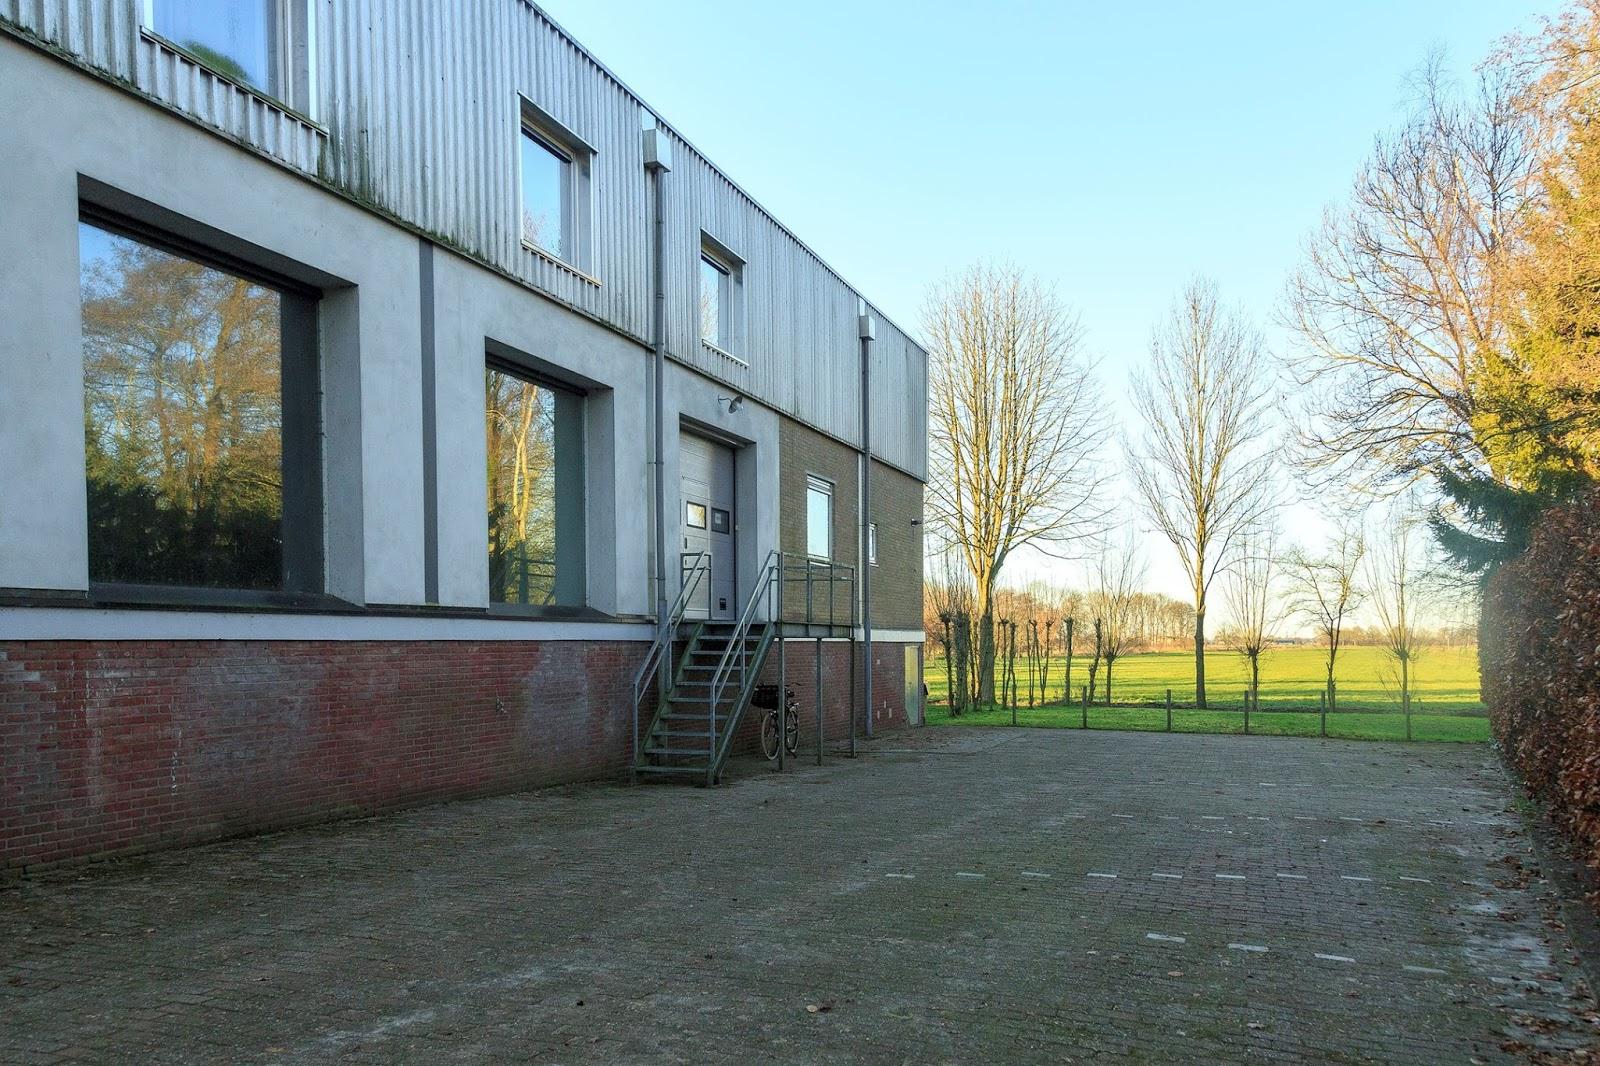 Binnenkijken Marieke Rusticus : Marieke rusticus styling: wonen in een oude melkfabriek #verhuizen